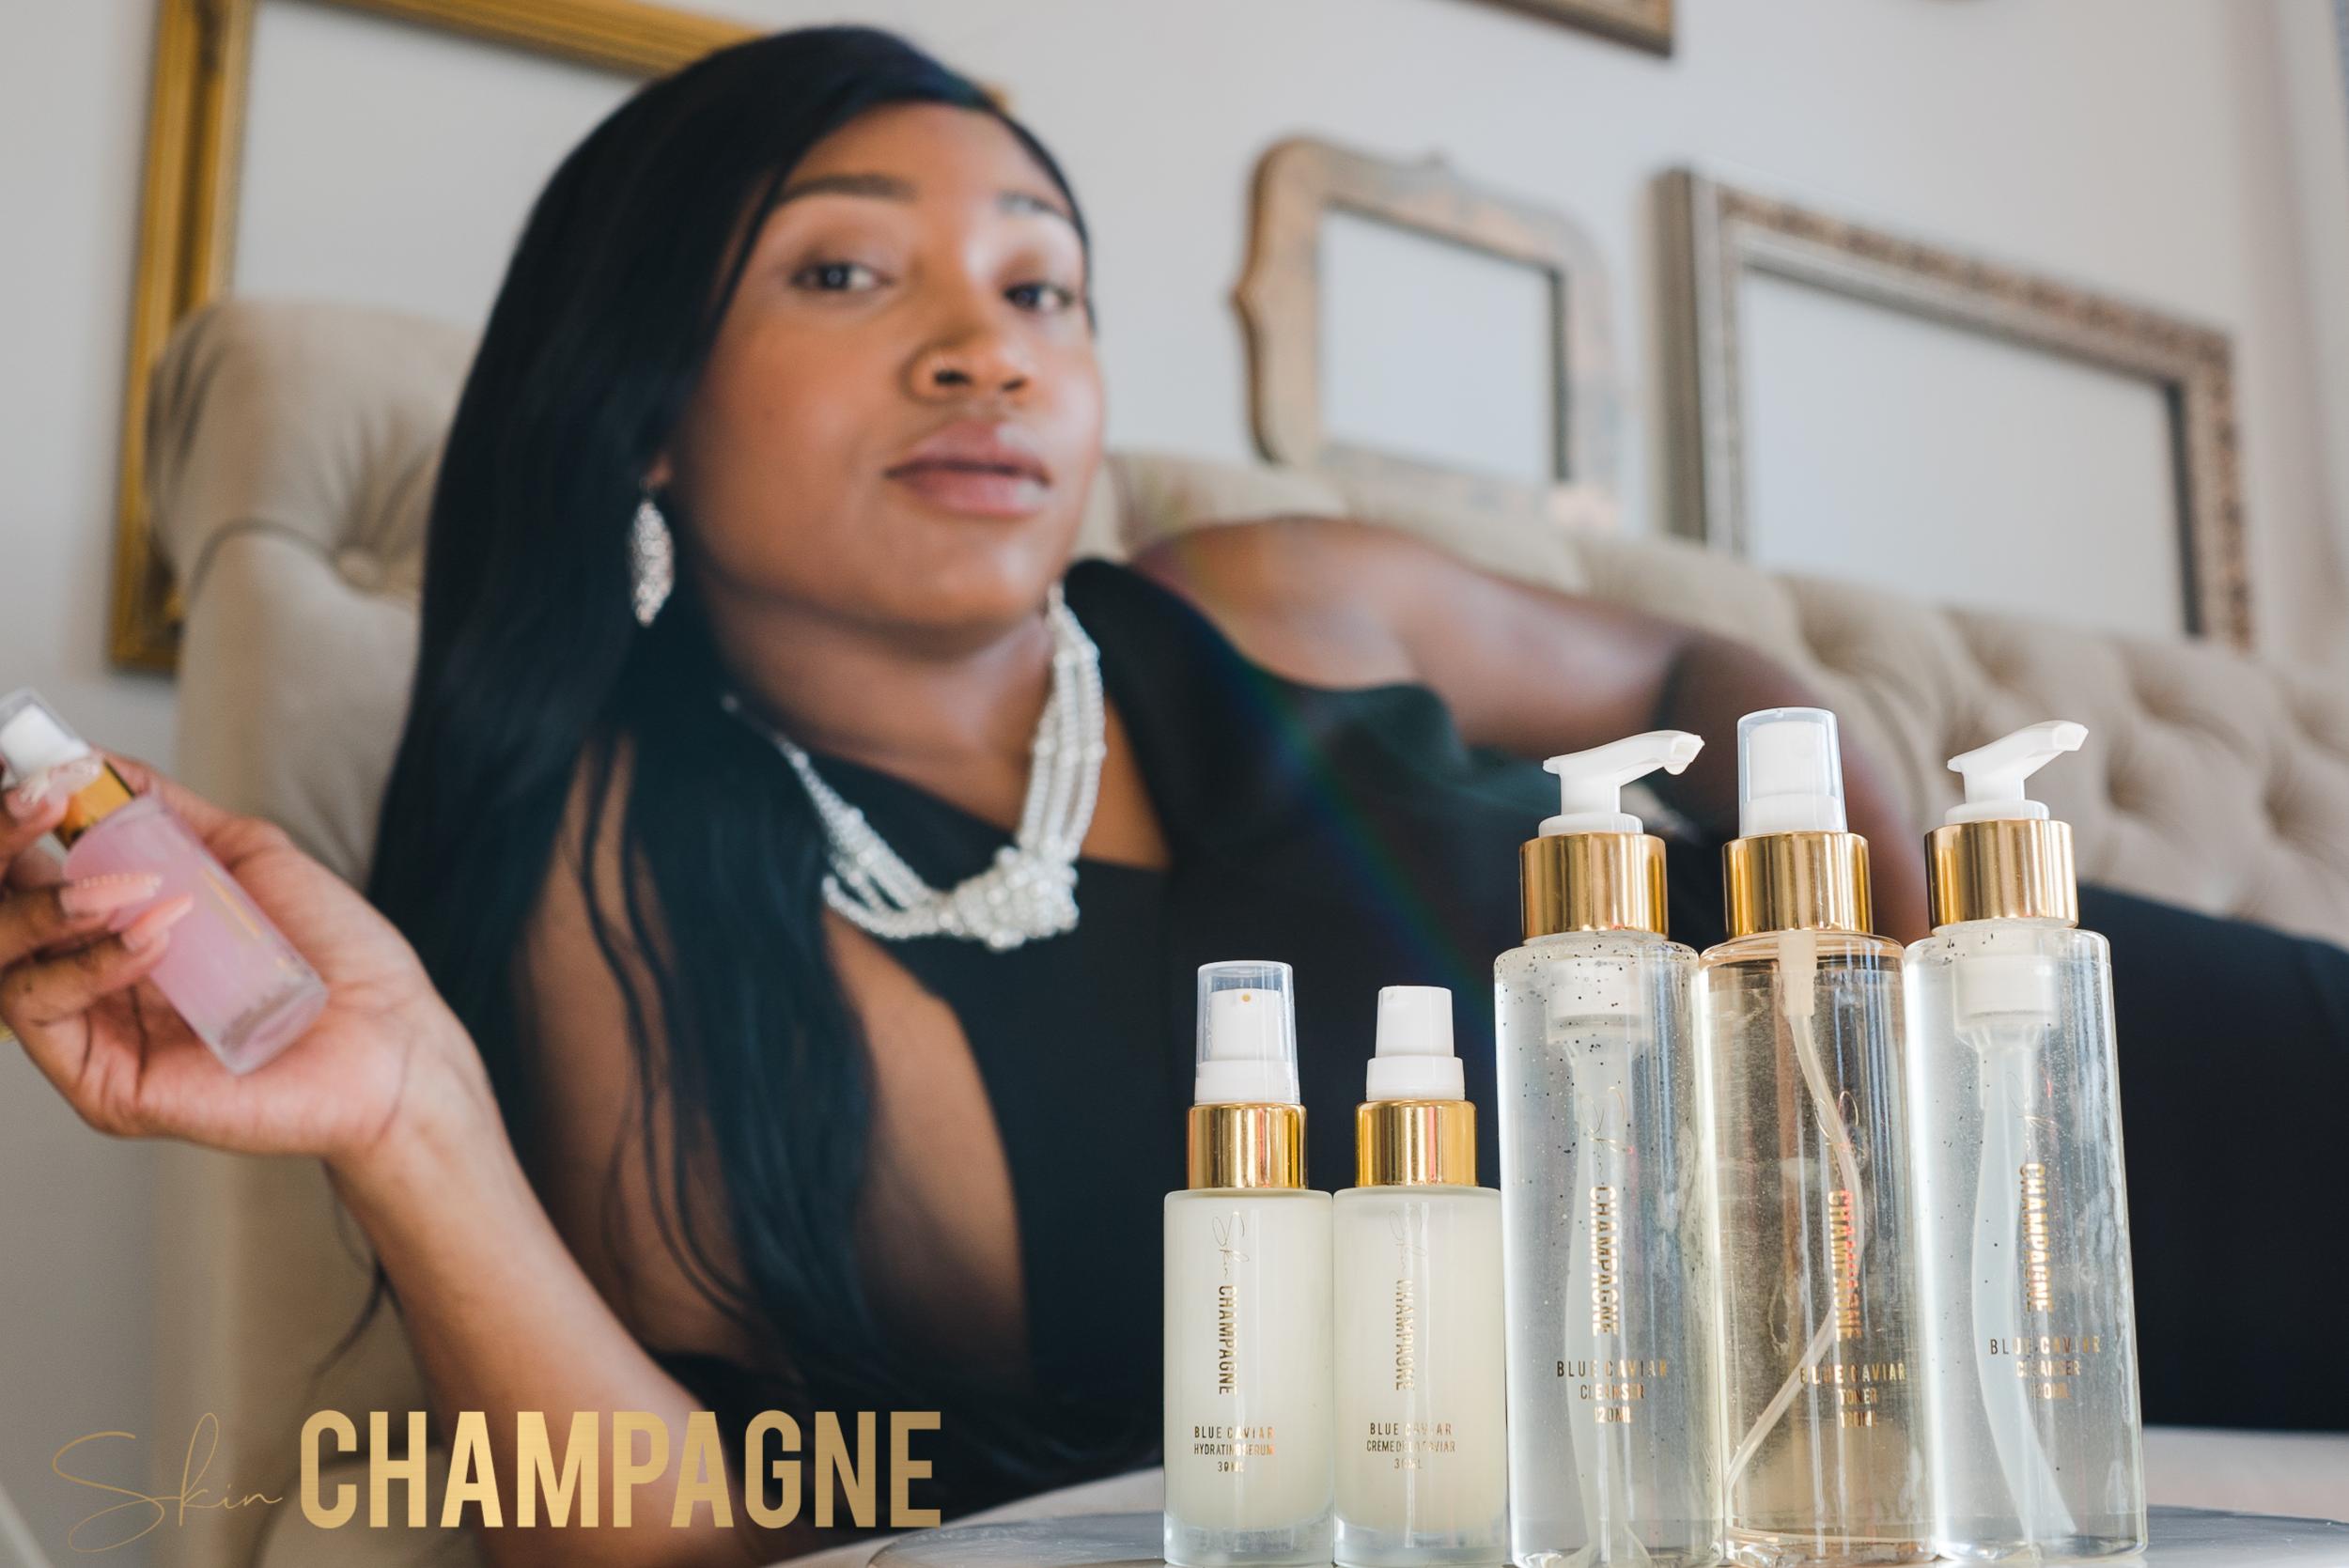 Photo credit: Skin Champagne